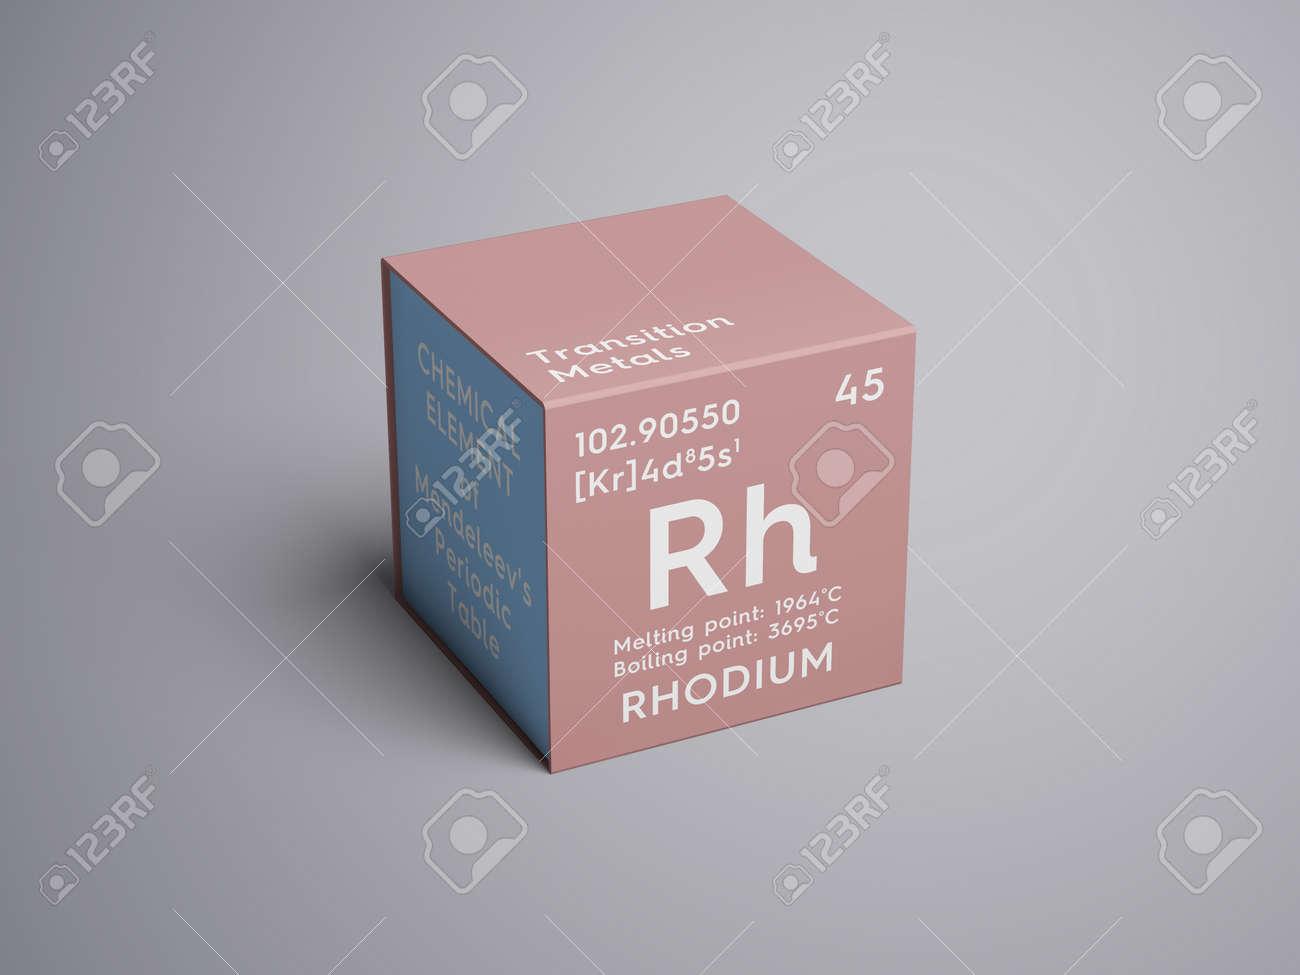 Rodio metales de transicin elemento qumico de la tabla peridica metales de transicin elemento qumico de la tabla peridica de mendeleev rodio en un cubo cuadrado concepto creativo urtaz Image collections